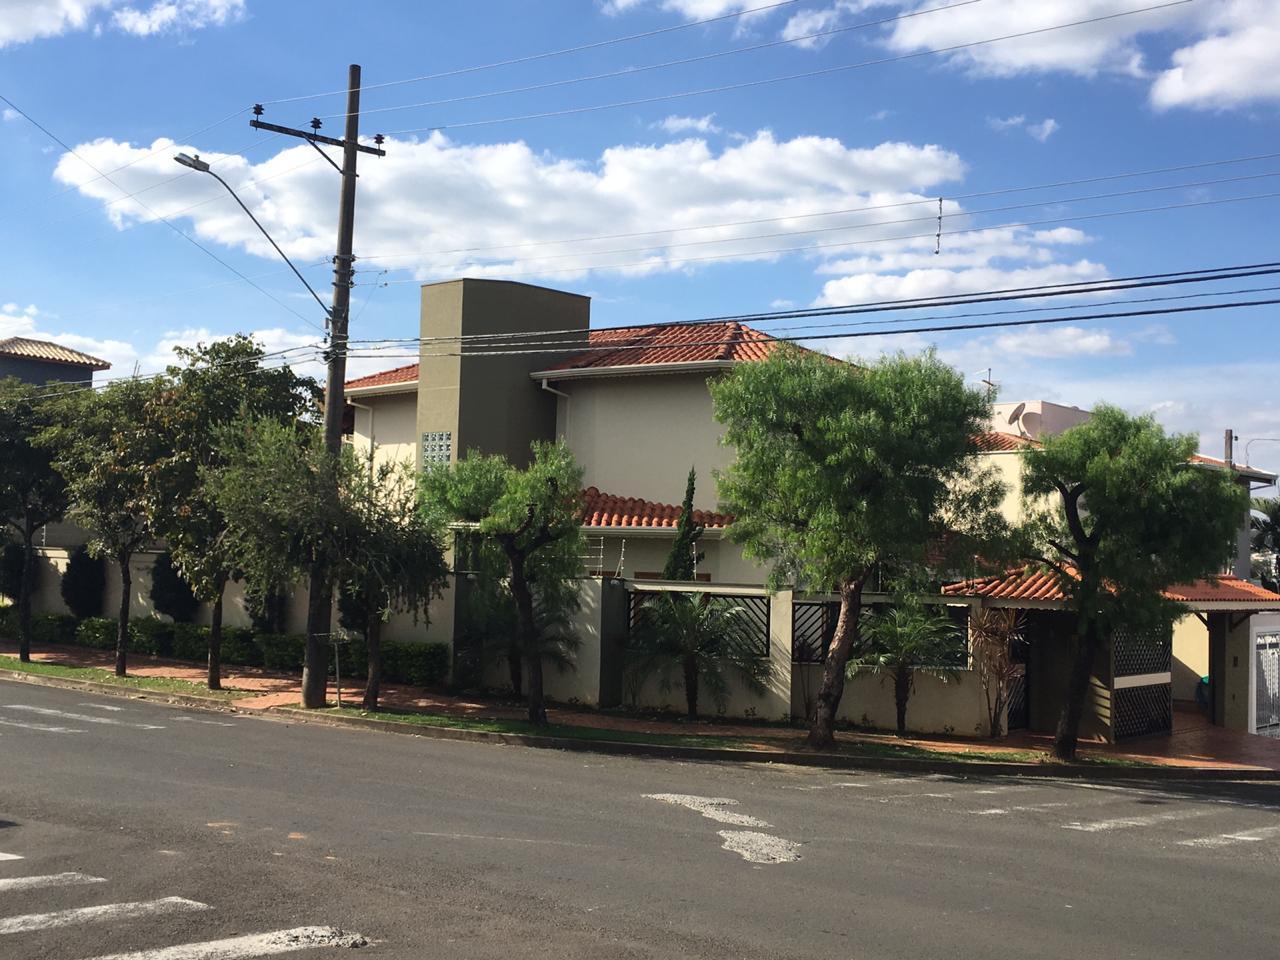 Linda casa com 3 dormitórios à venda, 238 m² por R$ 720.000 - Jardim Esplanada - Indaiatuba/SP